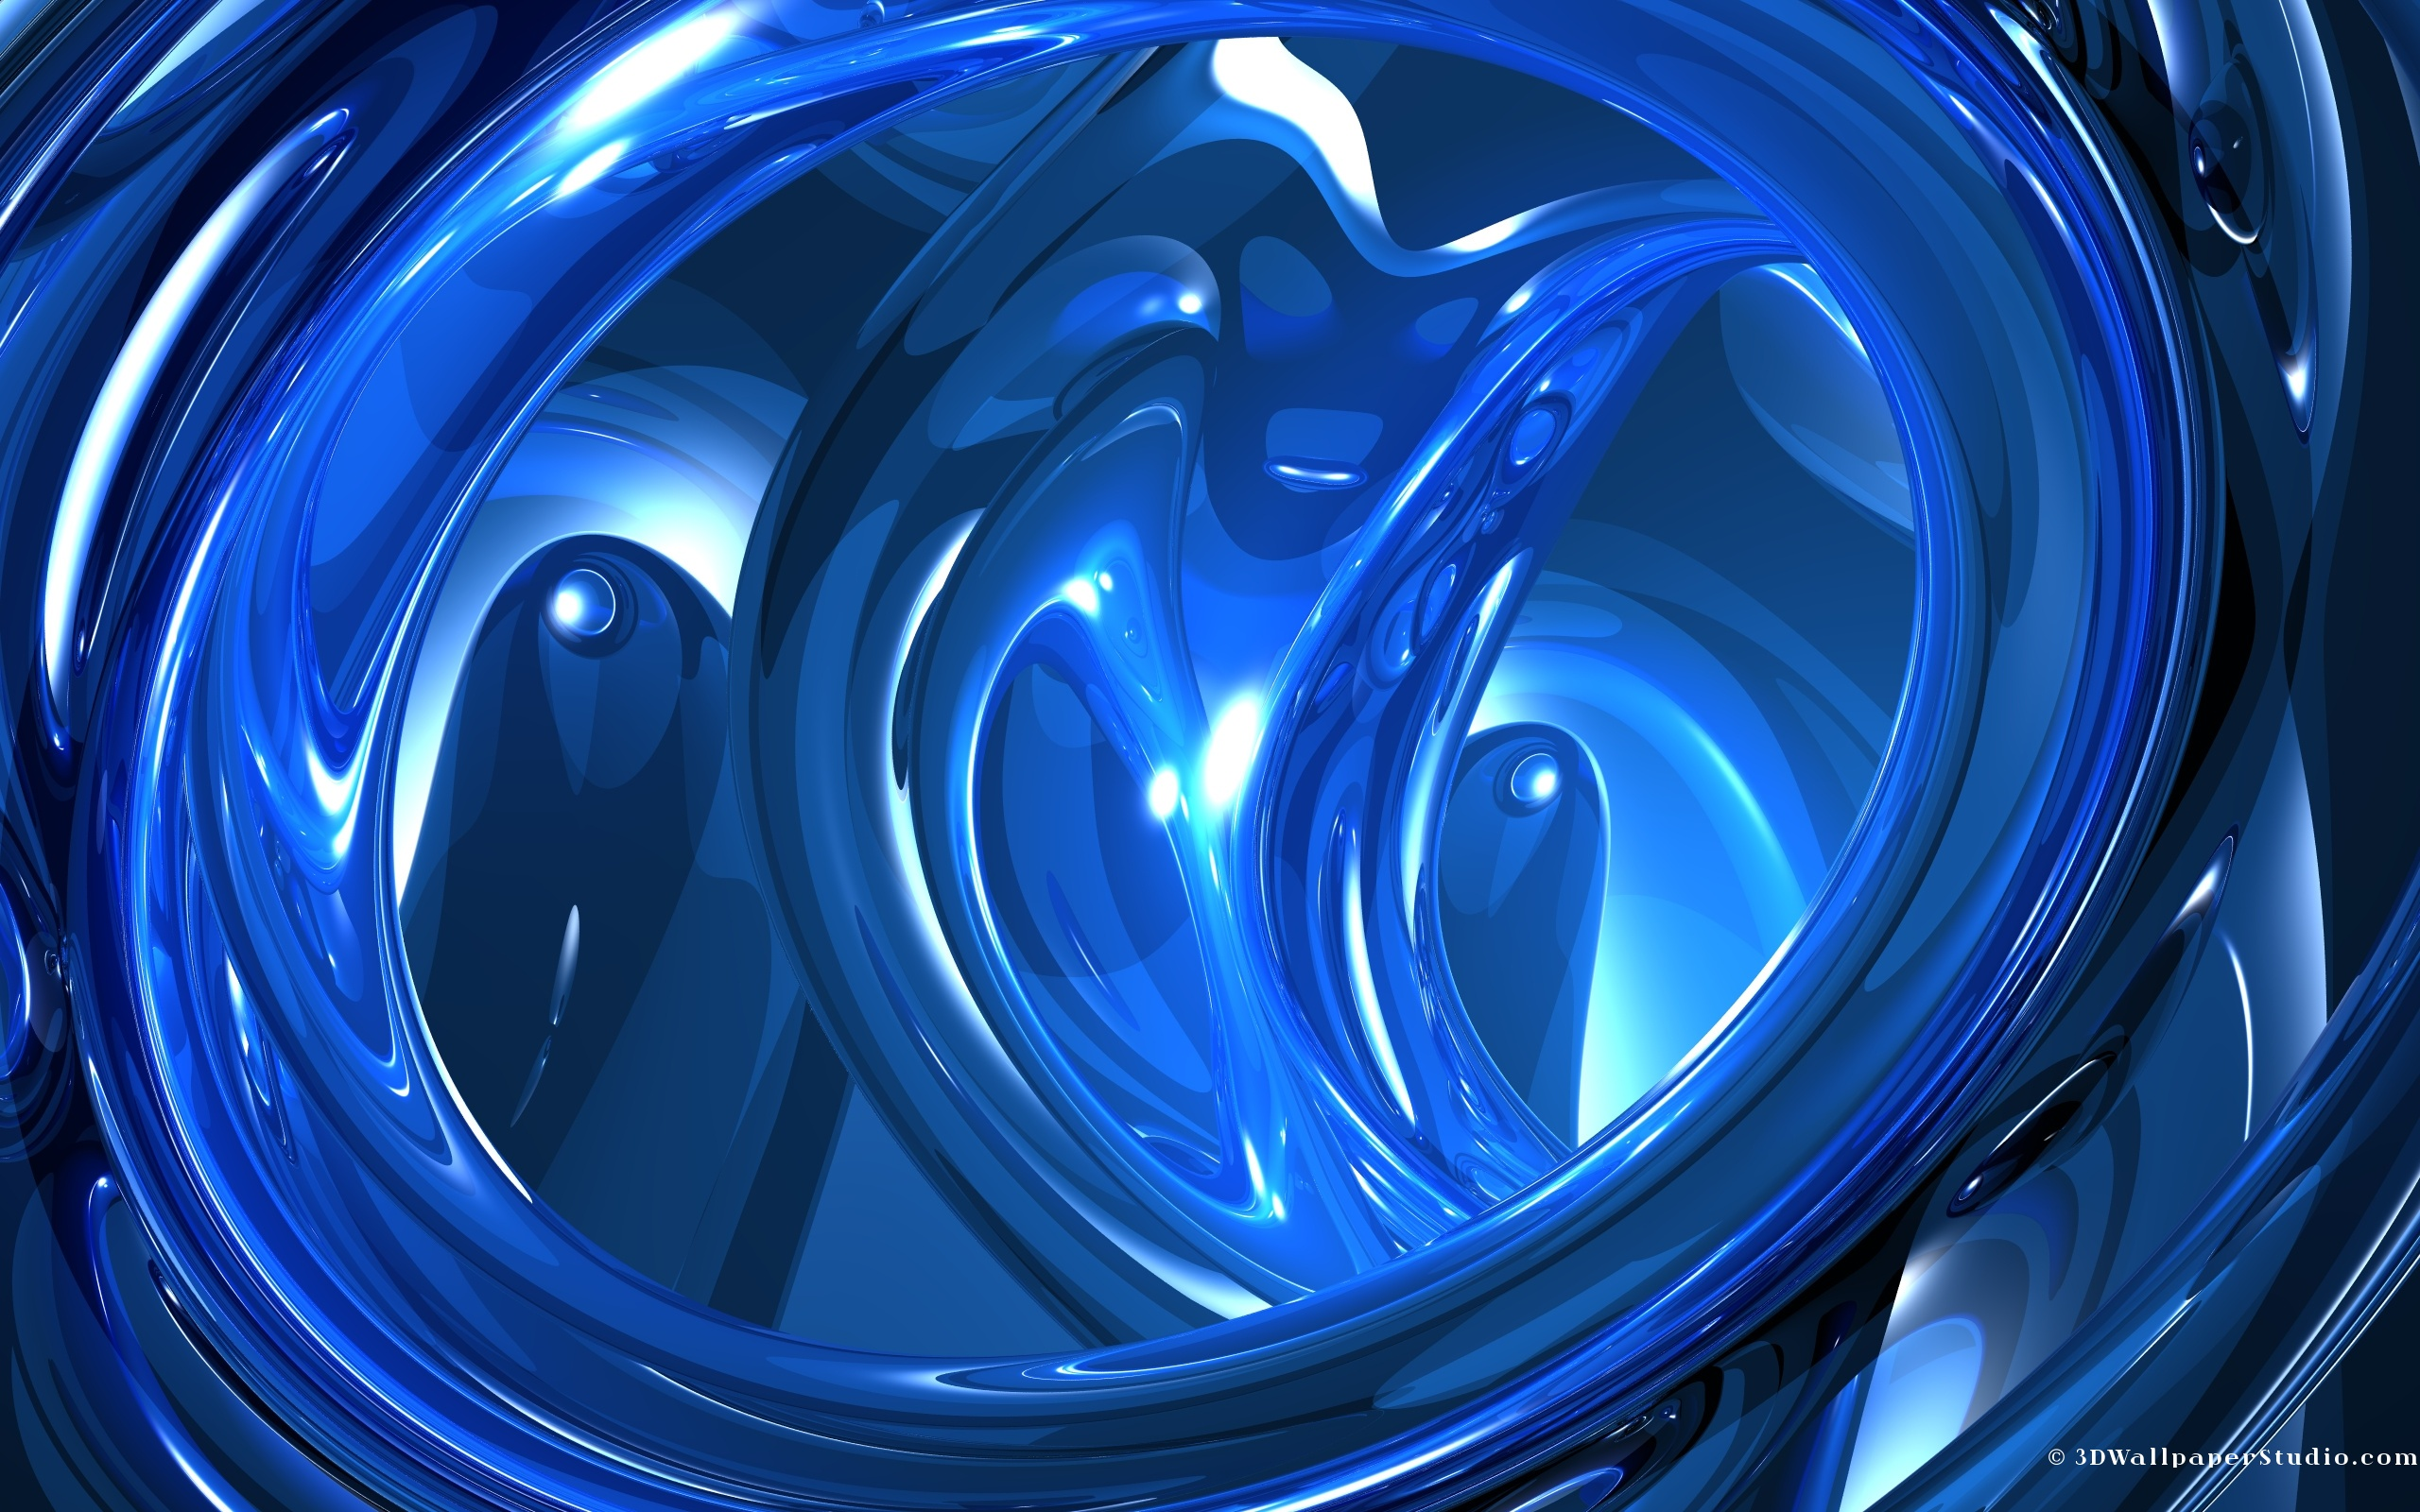 3D Wallpaper Blue 3d abstract 2560 x 1600 2560x1600